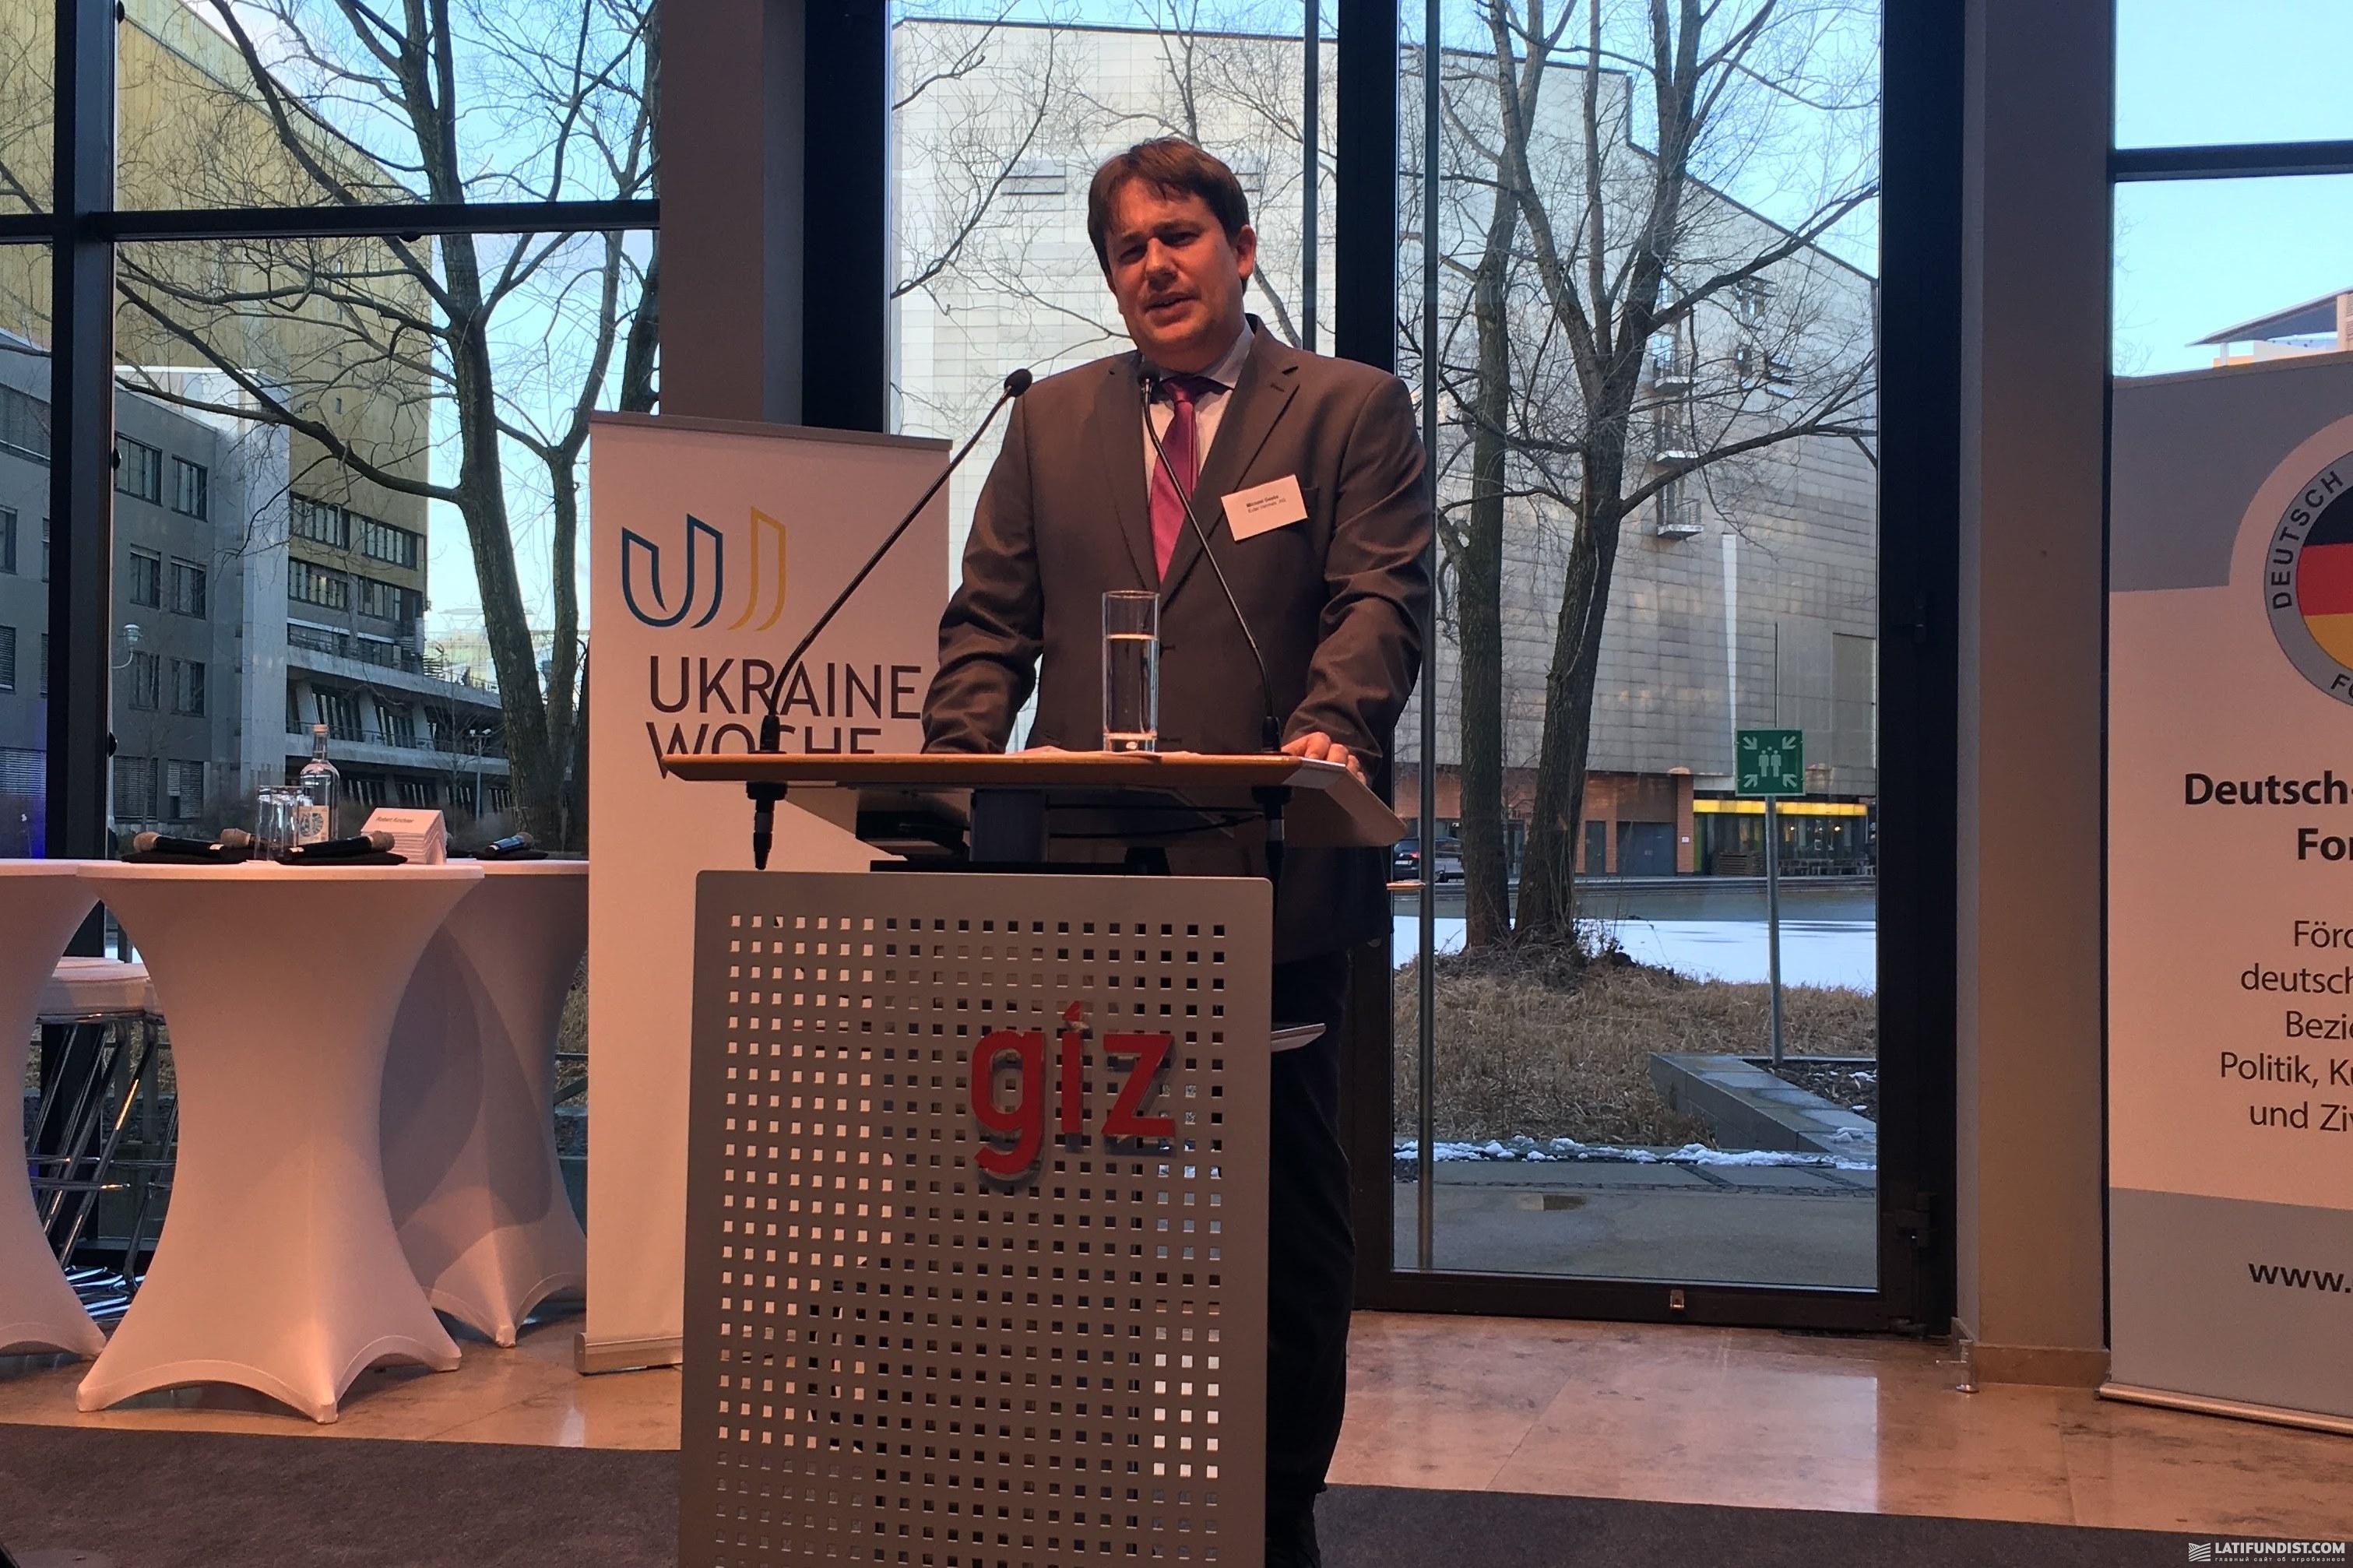 Майкл Геске, представитель компании кредитного страхования Euler Hermes